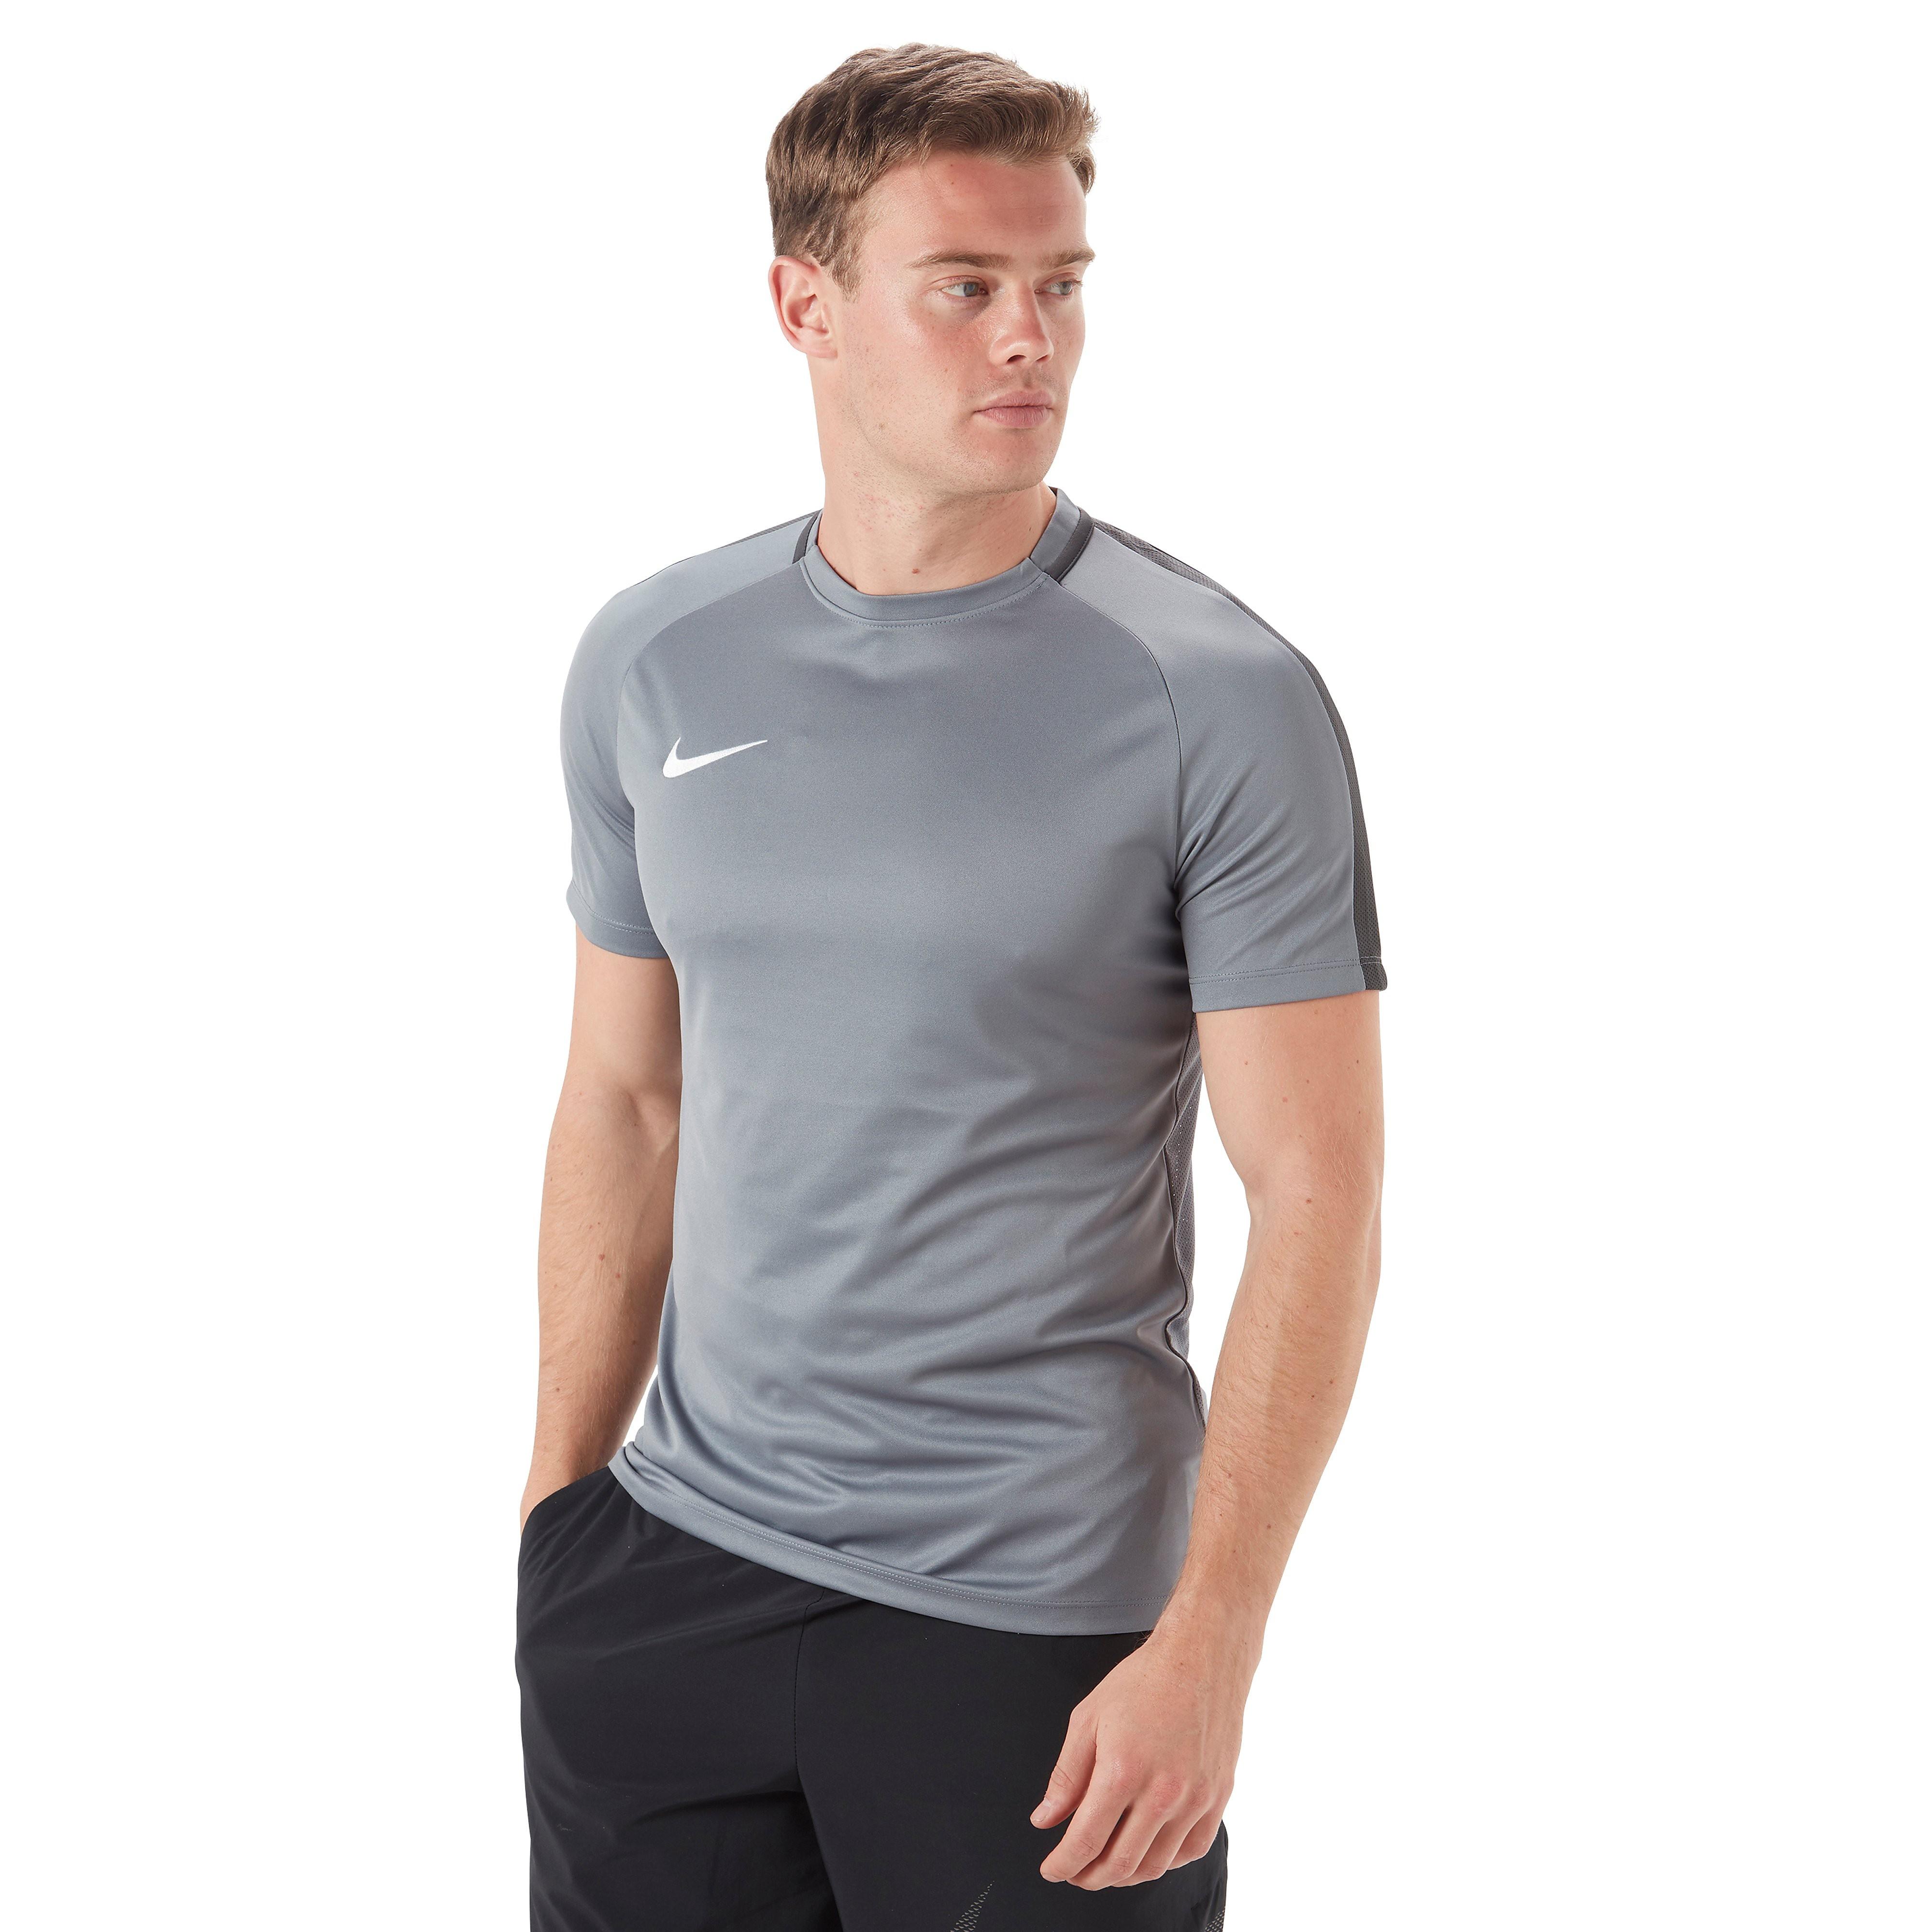 Nike ACADEMY 17 MEN'S FOOTBALL T-SHIRT